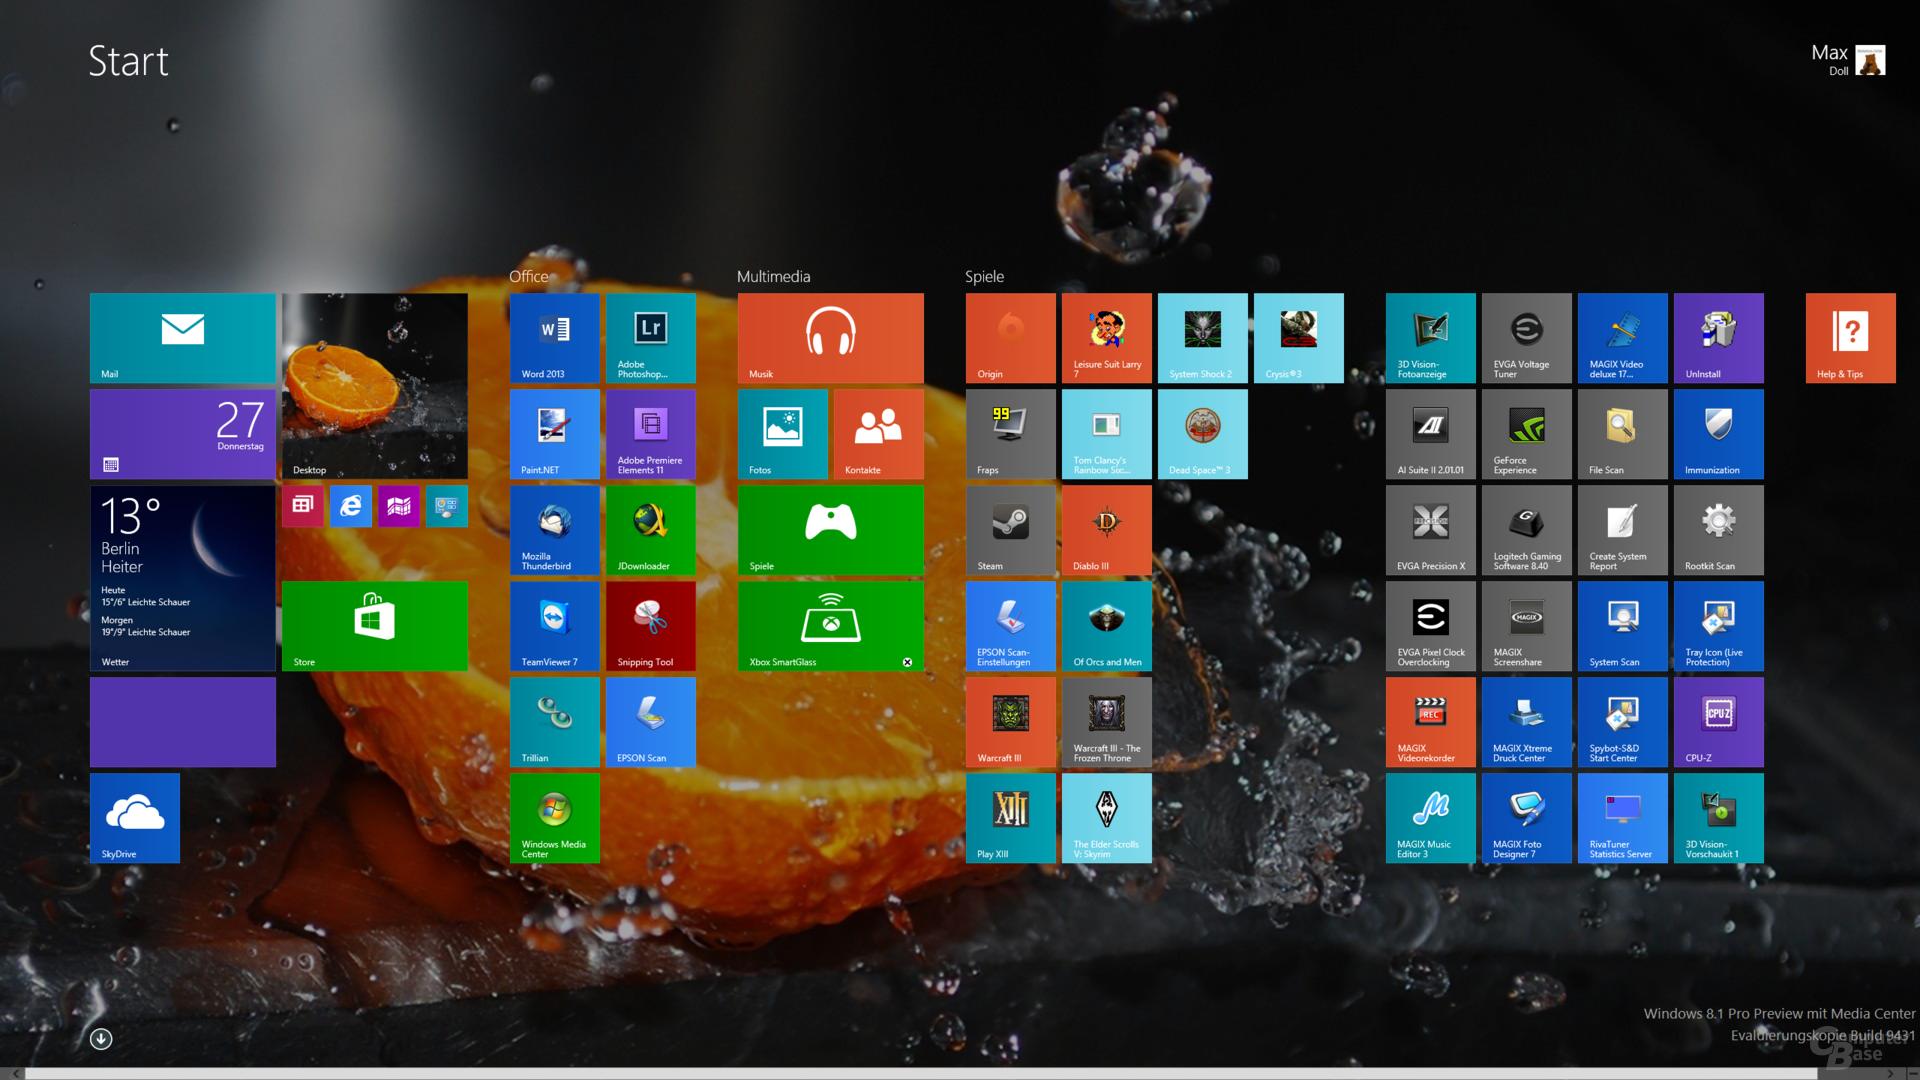 Startmenü mit neuen Kachelgrößen und Desktop-Hintergrund